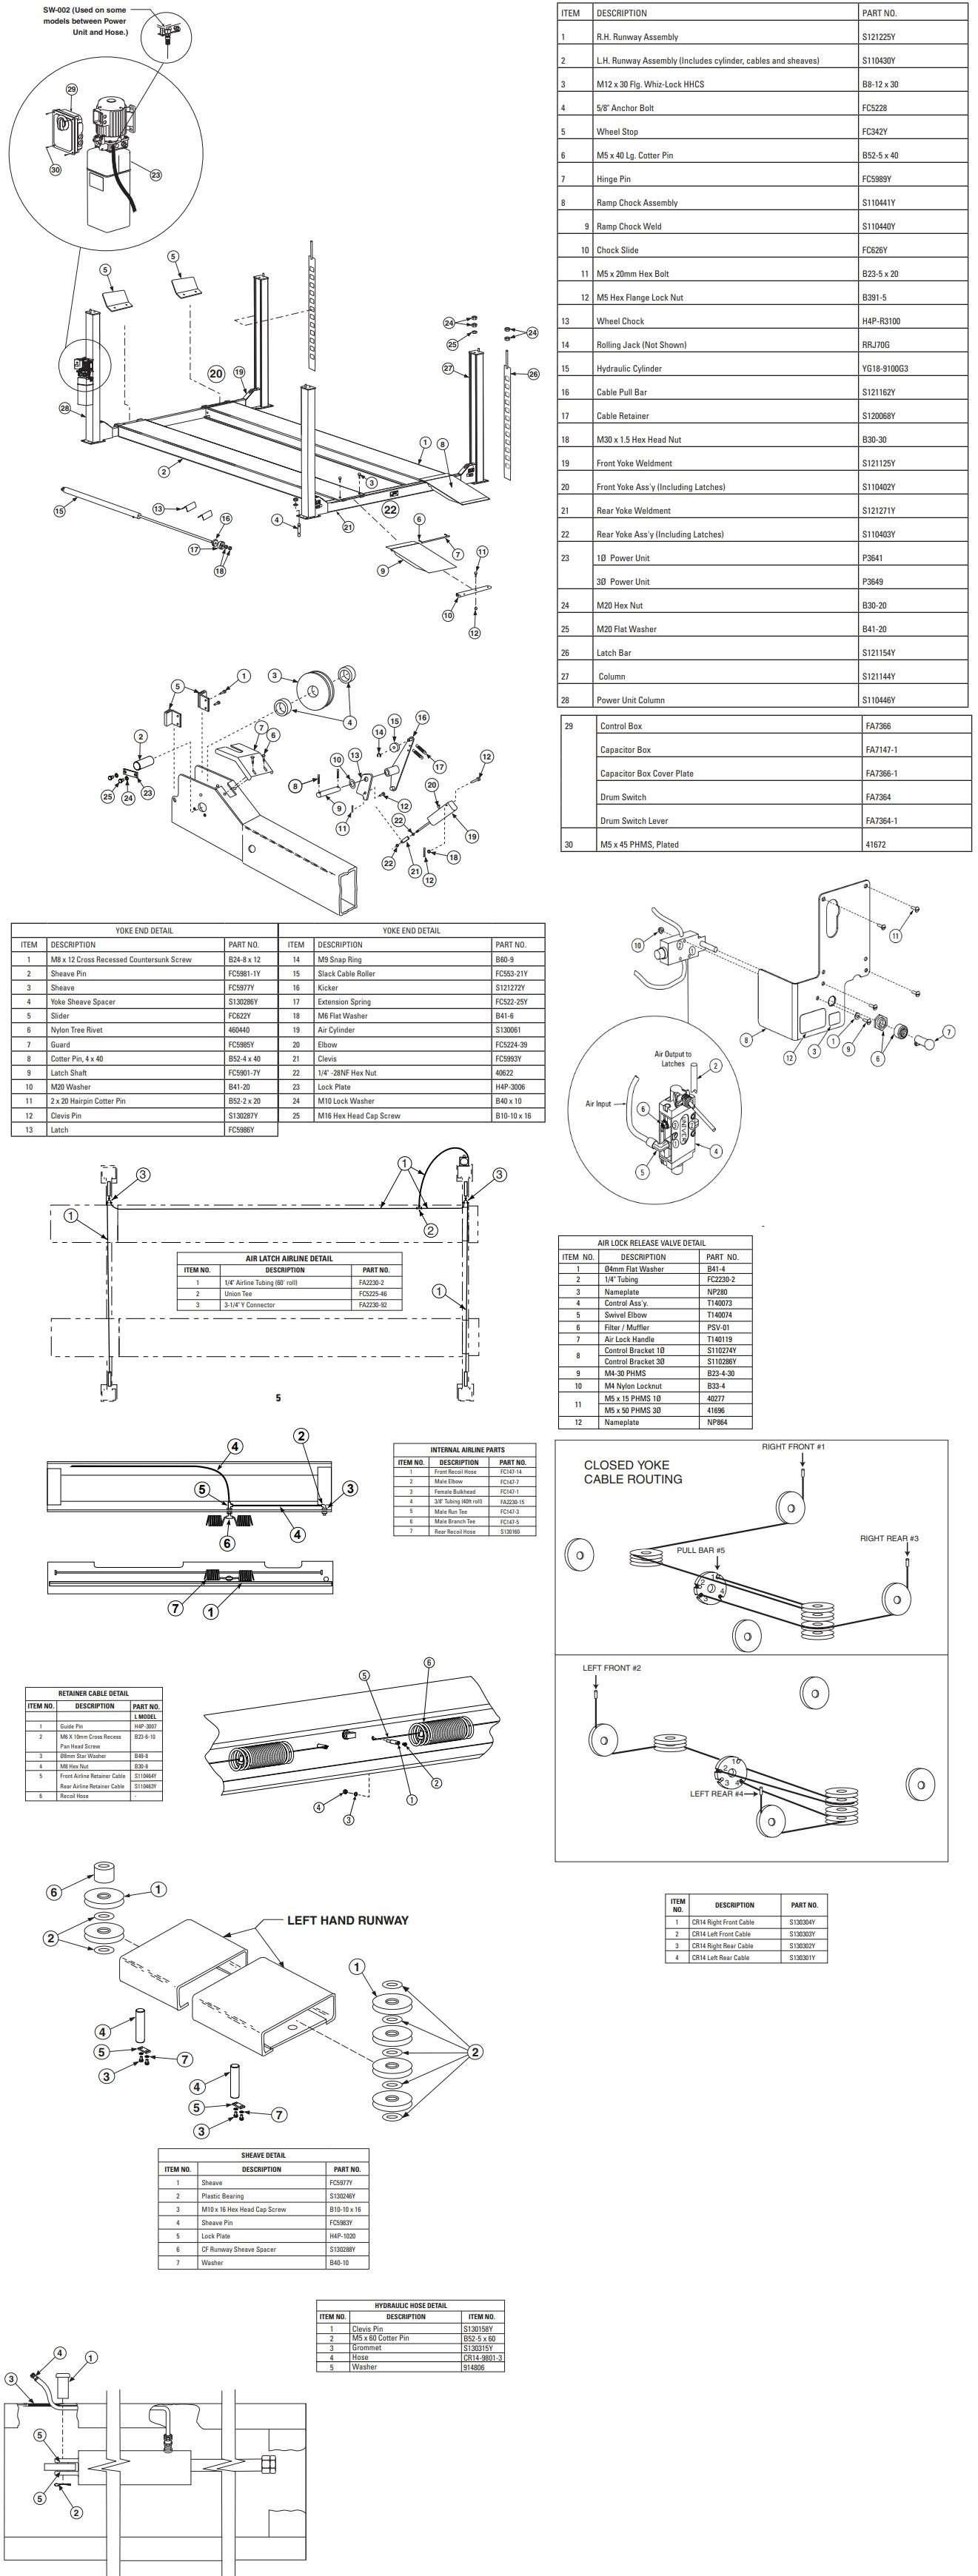 Forward 4-Post CR14 Parts Manual